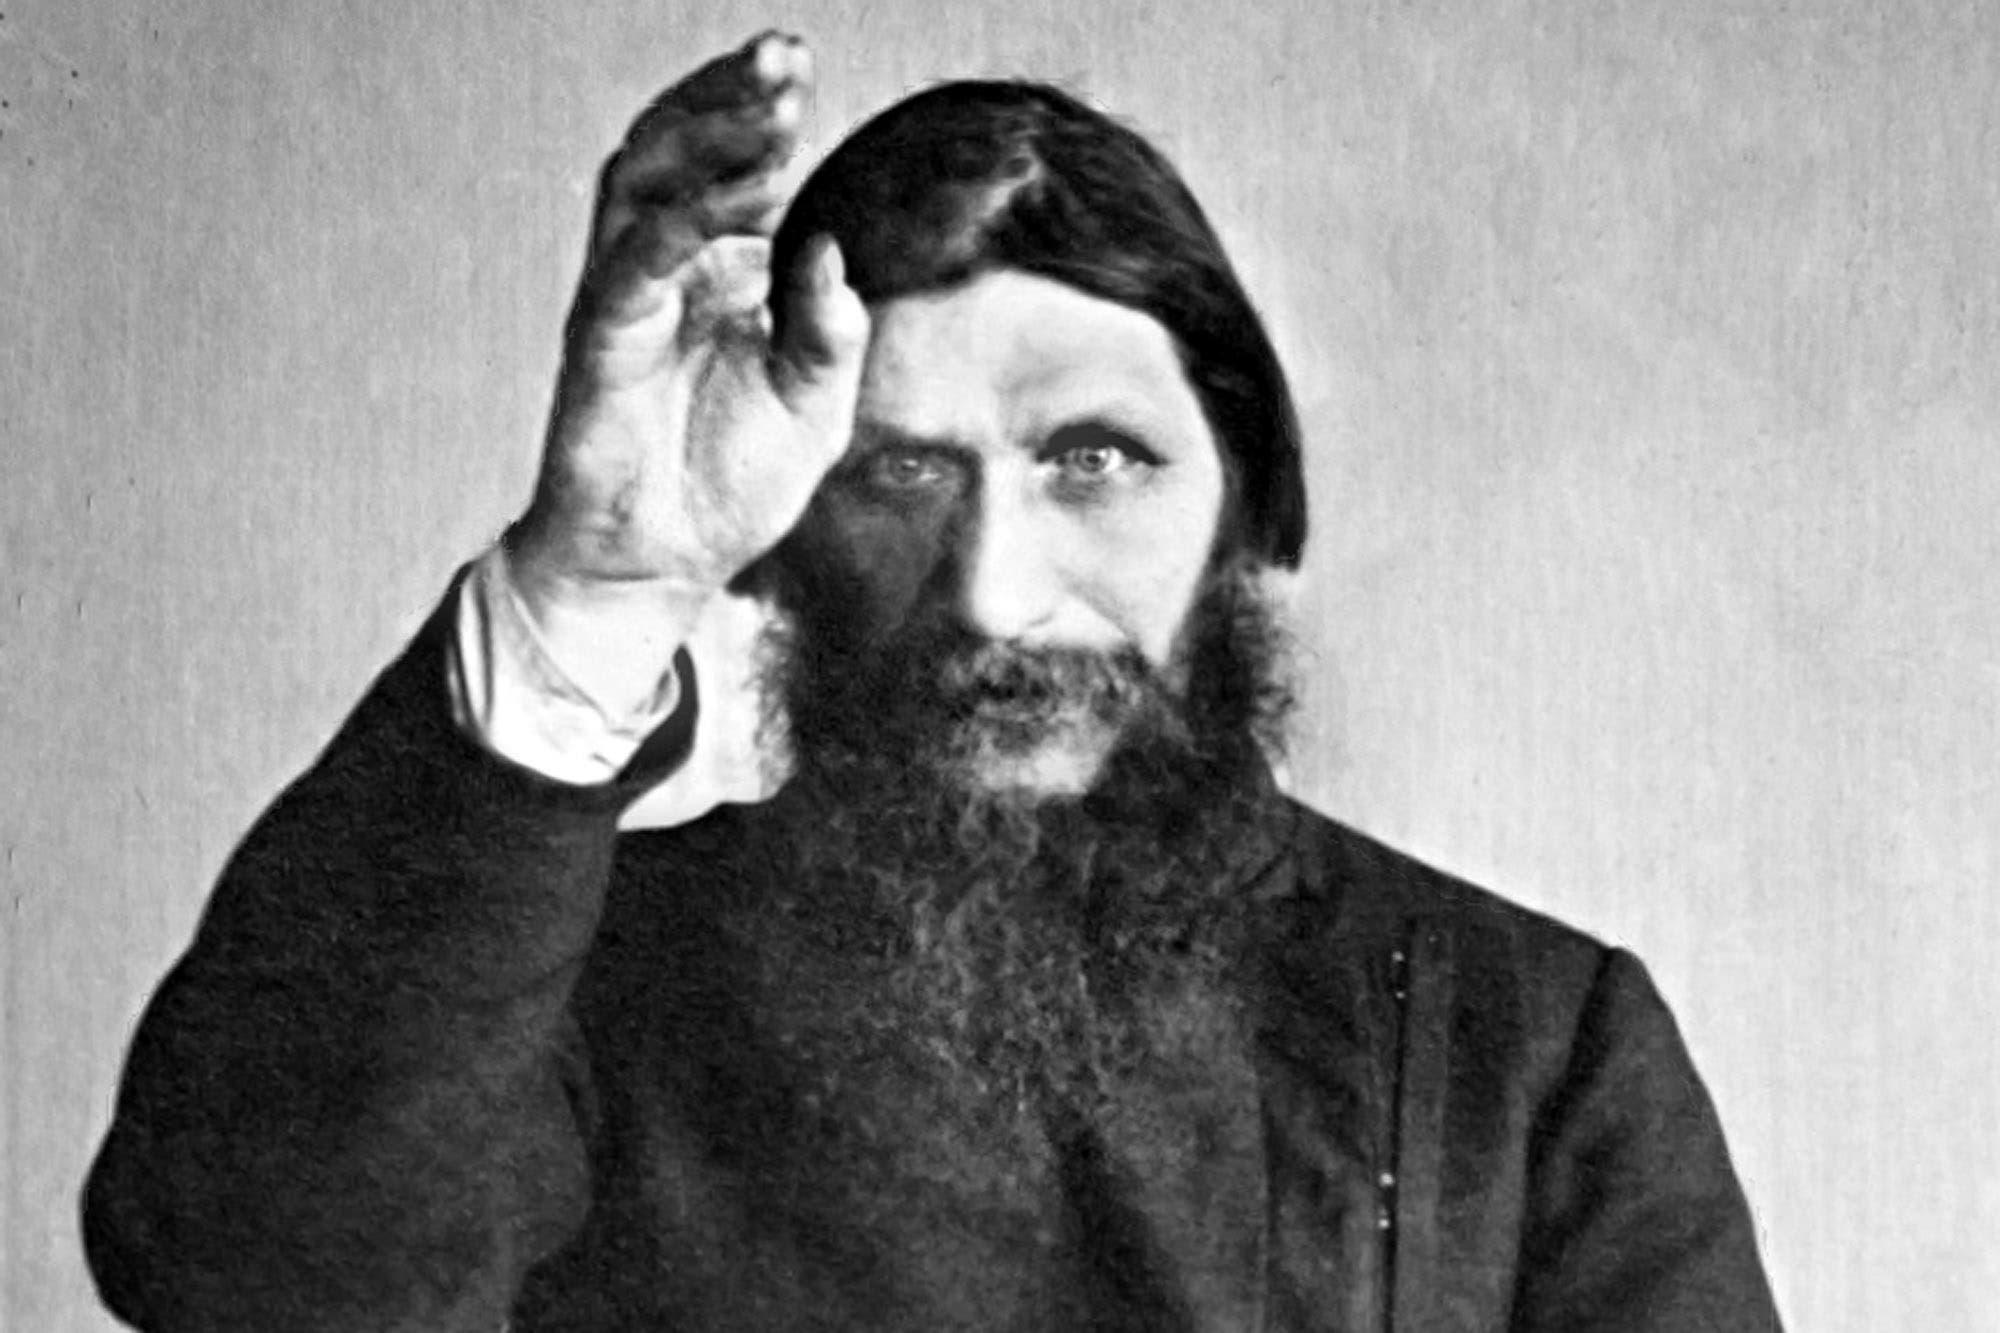 Pelicula Porno Rasputin el abrupto final del monje loco que dominó un imperio y se